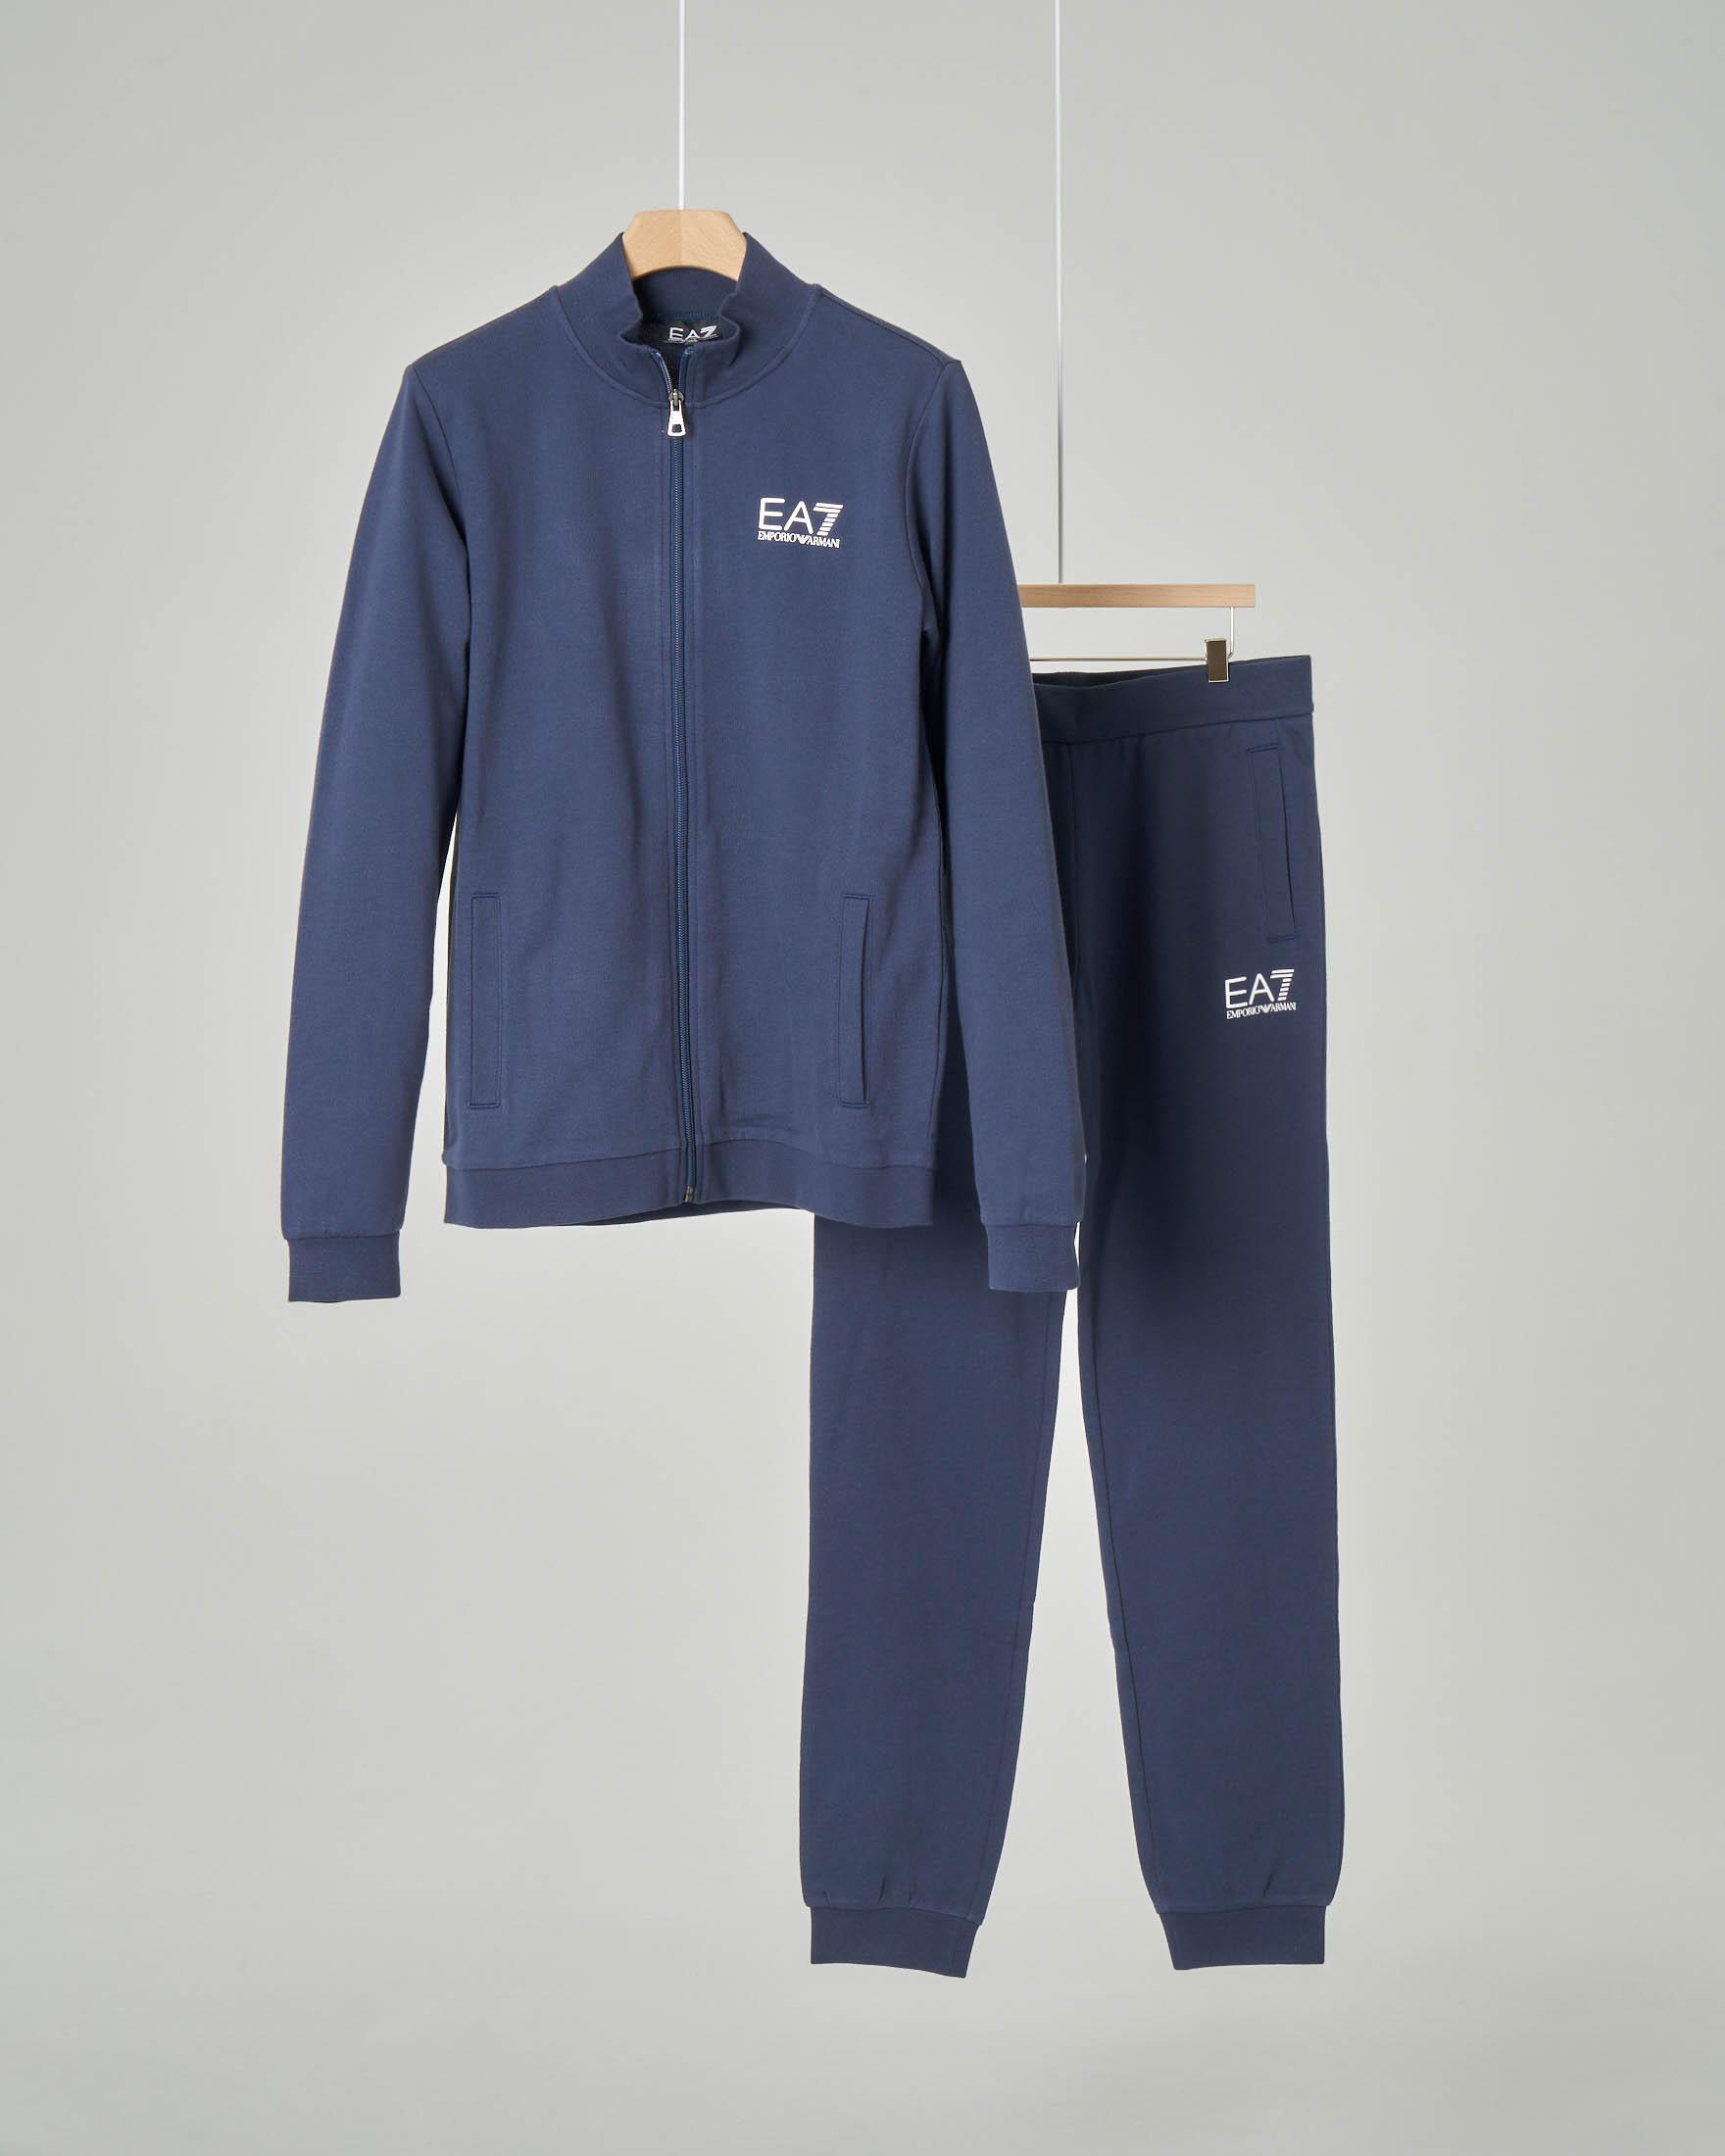 Tuta blu in puro cotone con logo piccolo stampato 8-14 anni